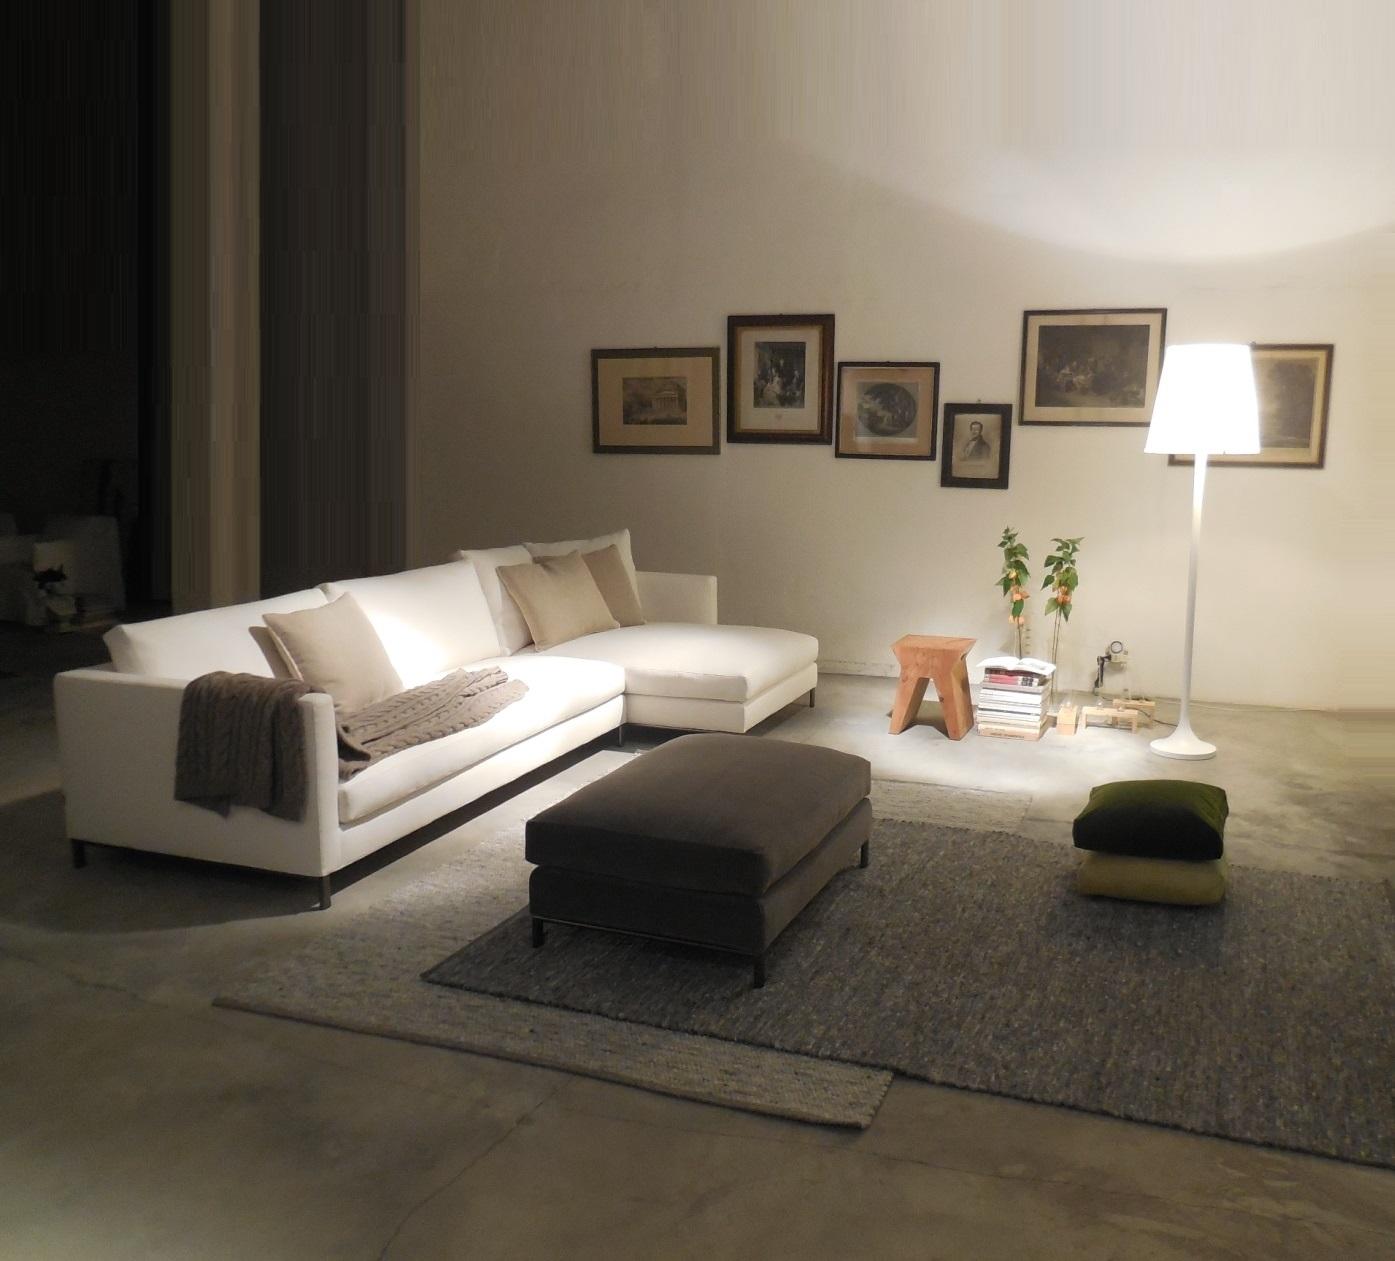 Divano verzelloni divano hampton penisola pouf componibile for Vendita online divani